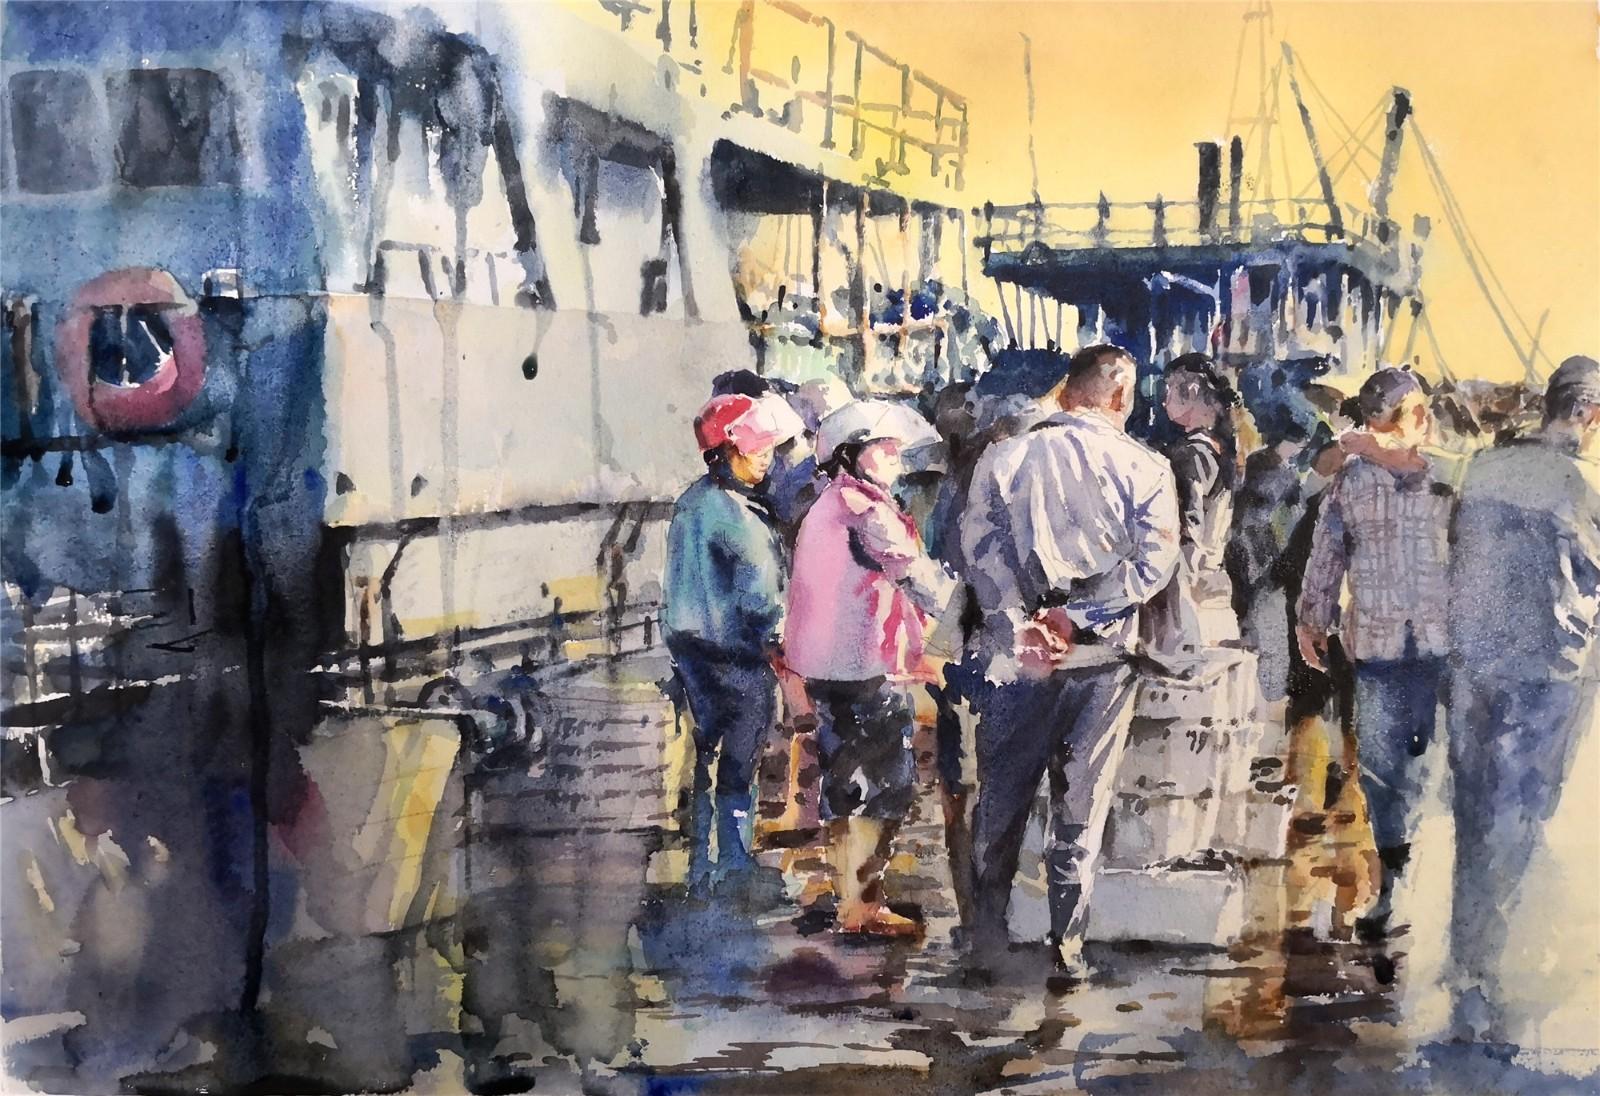 我市画家作品当选2019意大利法布里亚诺国际水彩节水彩展